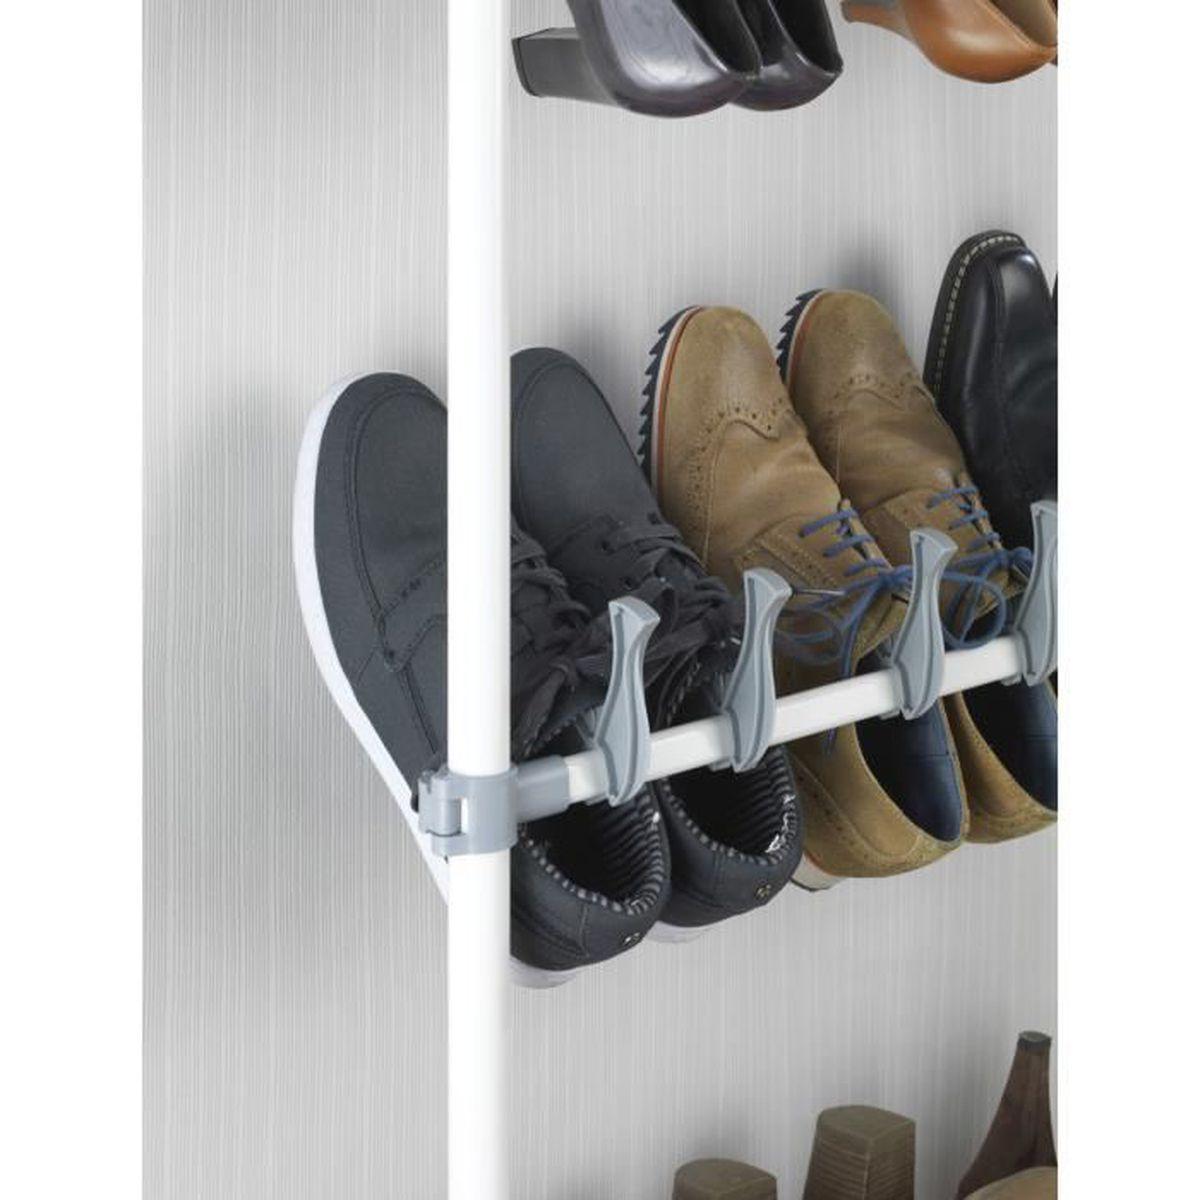 Artemis Etagère chaussures télescopique bottes pour et Yb6If7gyv